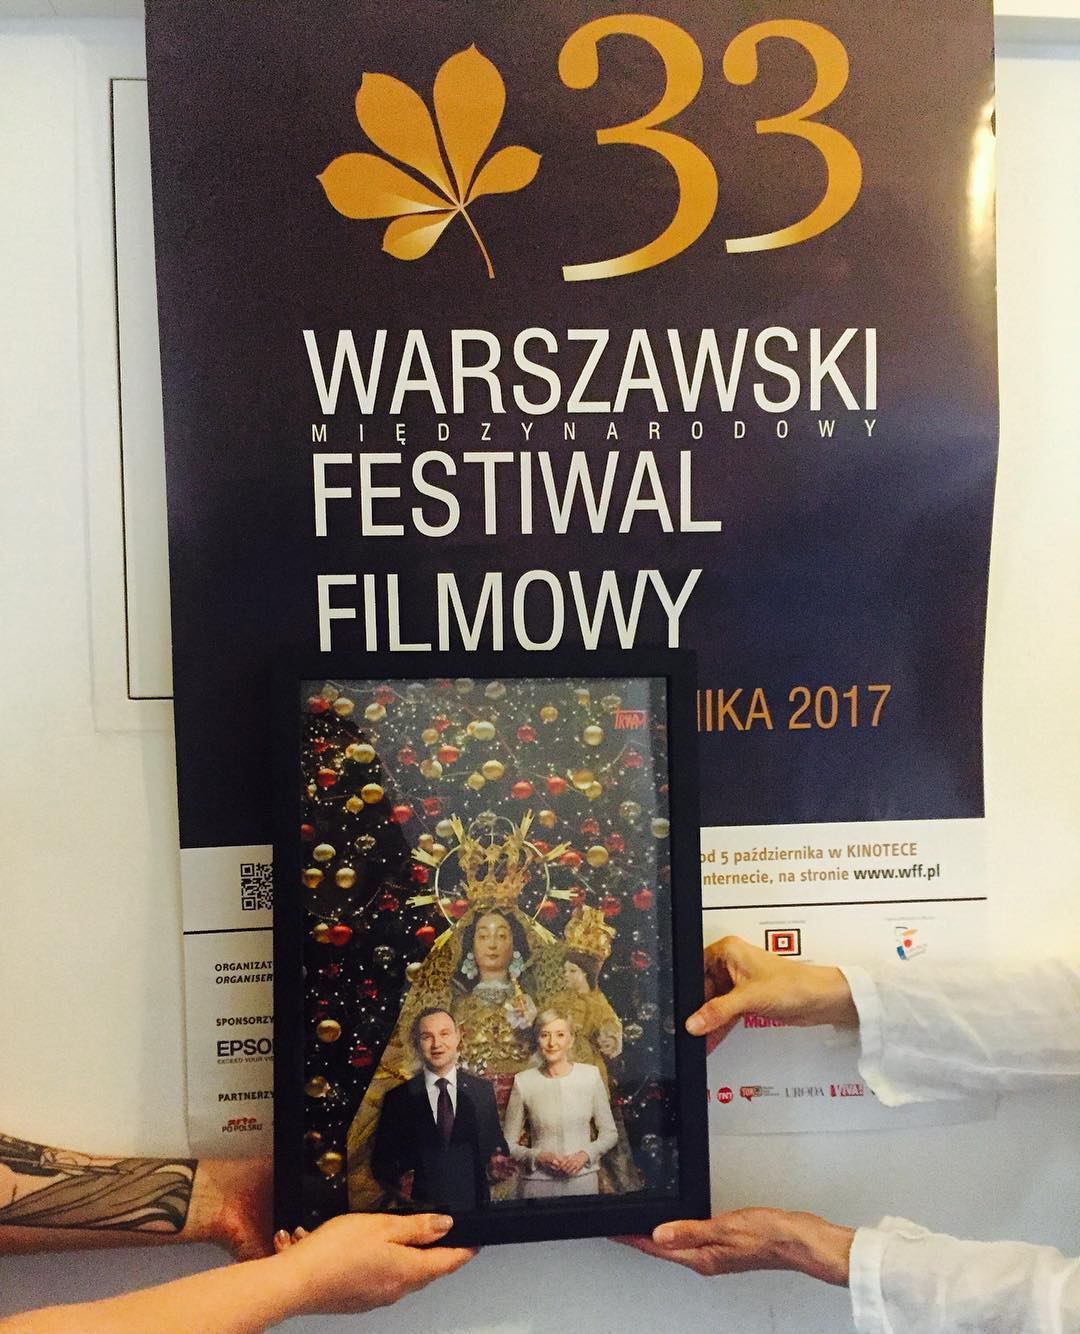 Katarzyna Nosowska przekazała wycinankę Warszawskiemu Międzynarodowemu Festiwalowi Filmowemu.